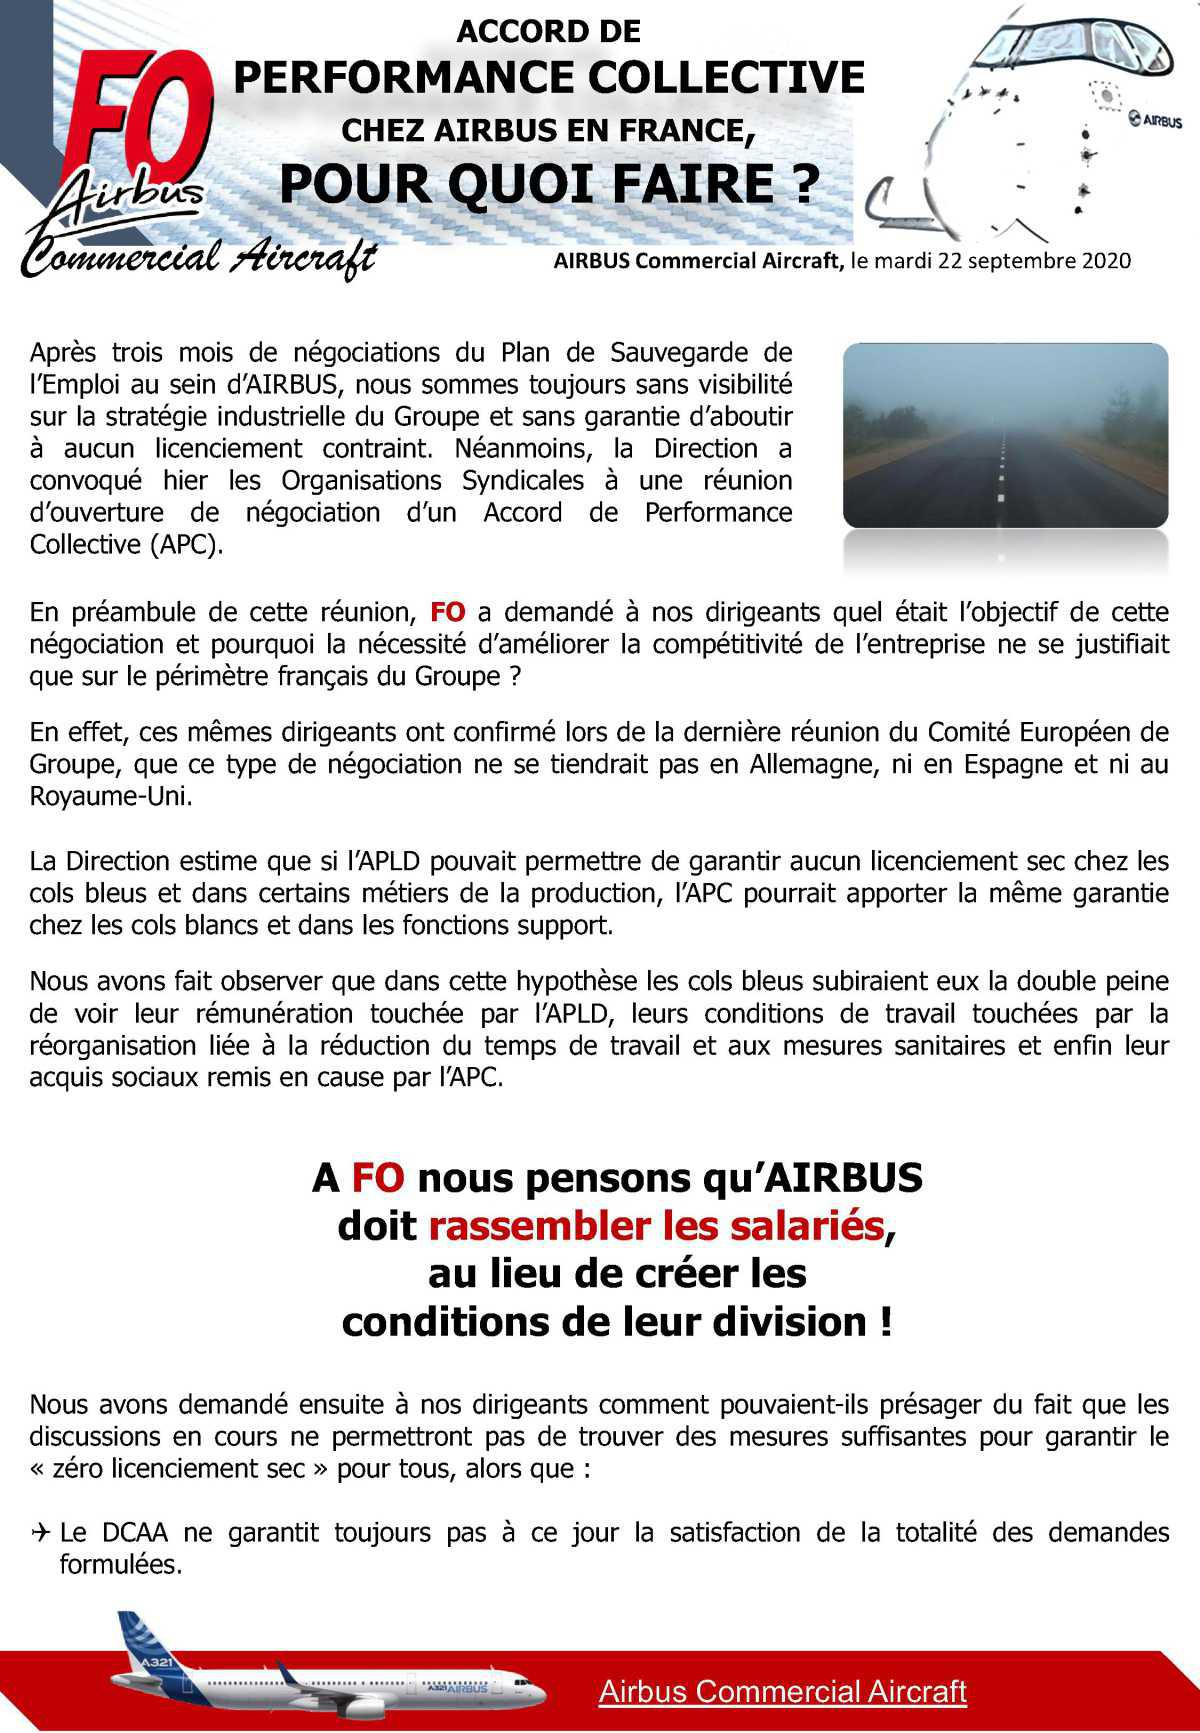 ACCORD DE PERFORMANCE COLLECTIVE (APC) CHEZ AIRBUS EN FRANCE, POUR QUOI FAIRE?